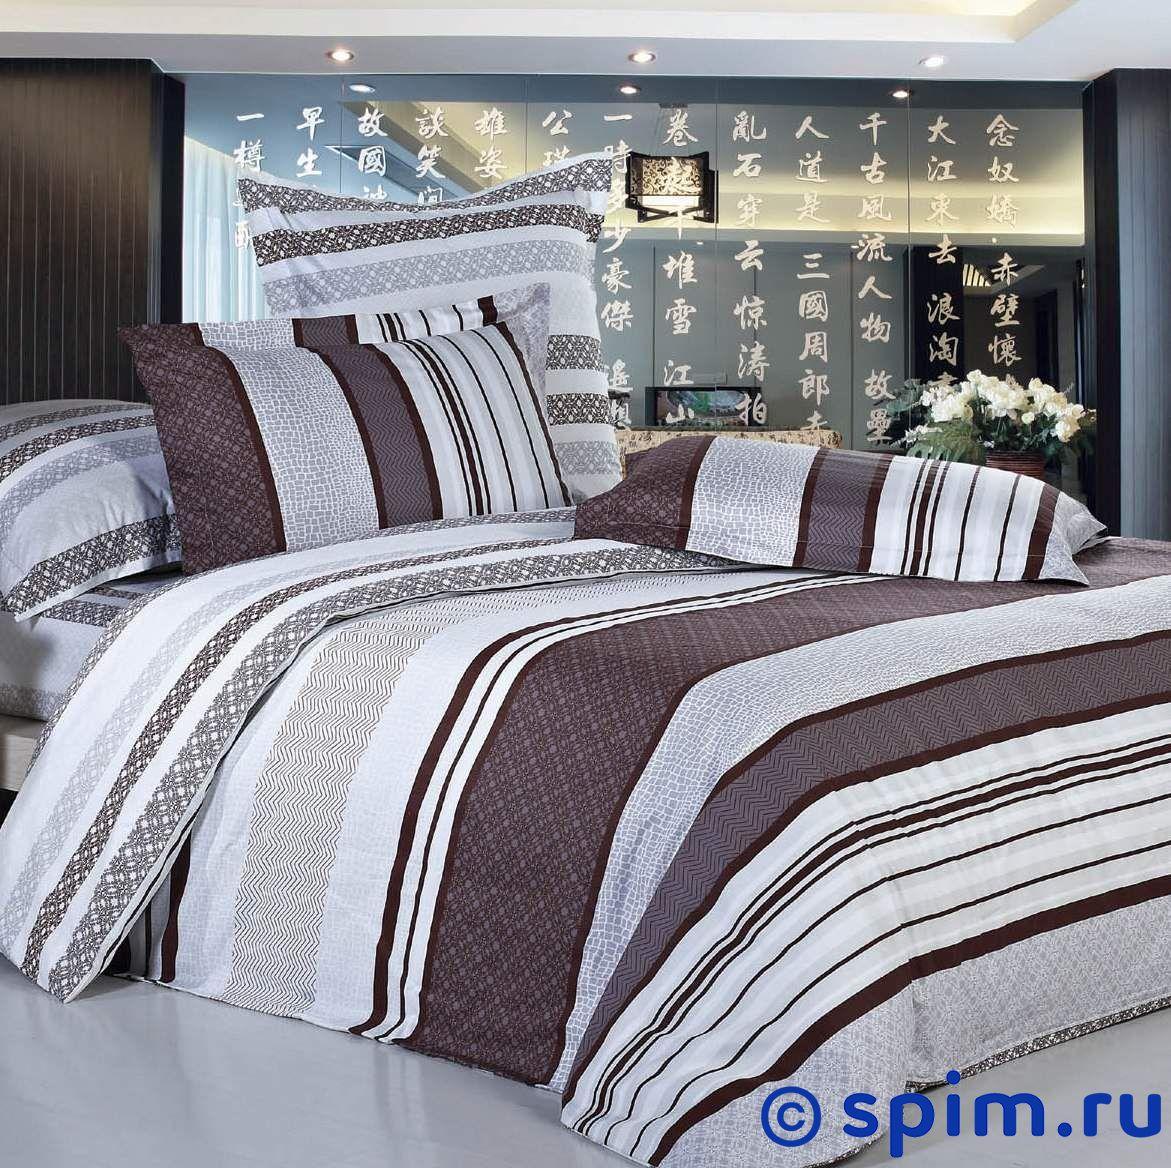 Комплект СайлиД В105 1.5 спальноеСатиновое постельное белье СайлиД<br>Материал: 100% хлопок (печатный сатин). Плотность, г/м2: 130. Размер Sailid Б: 1.5 спальное<br><br>Размер: 1.5 спальное